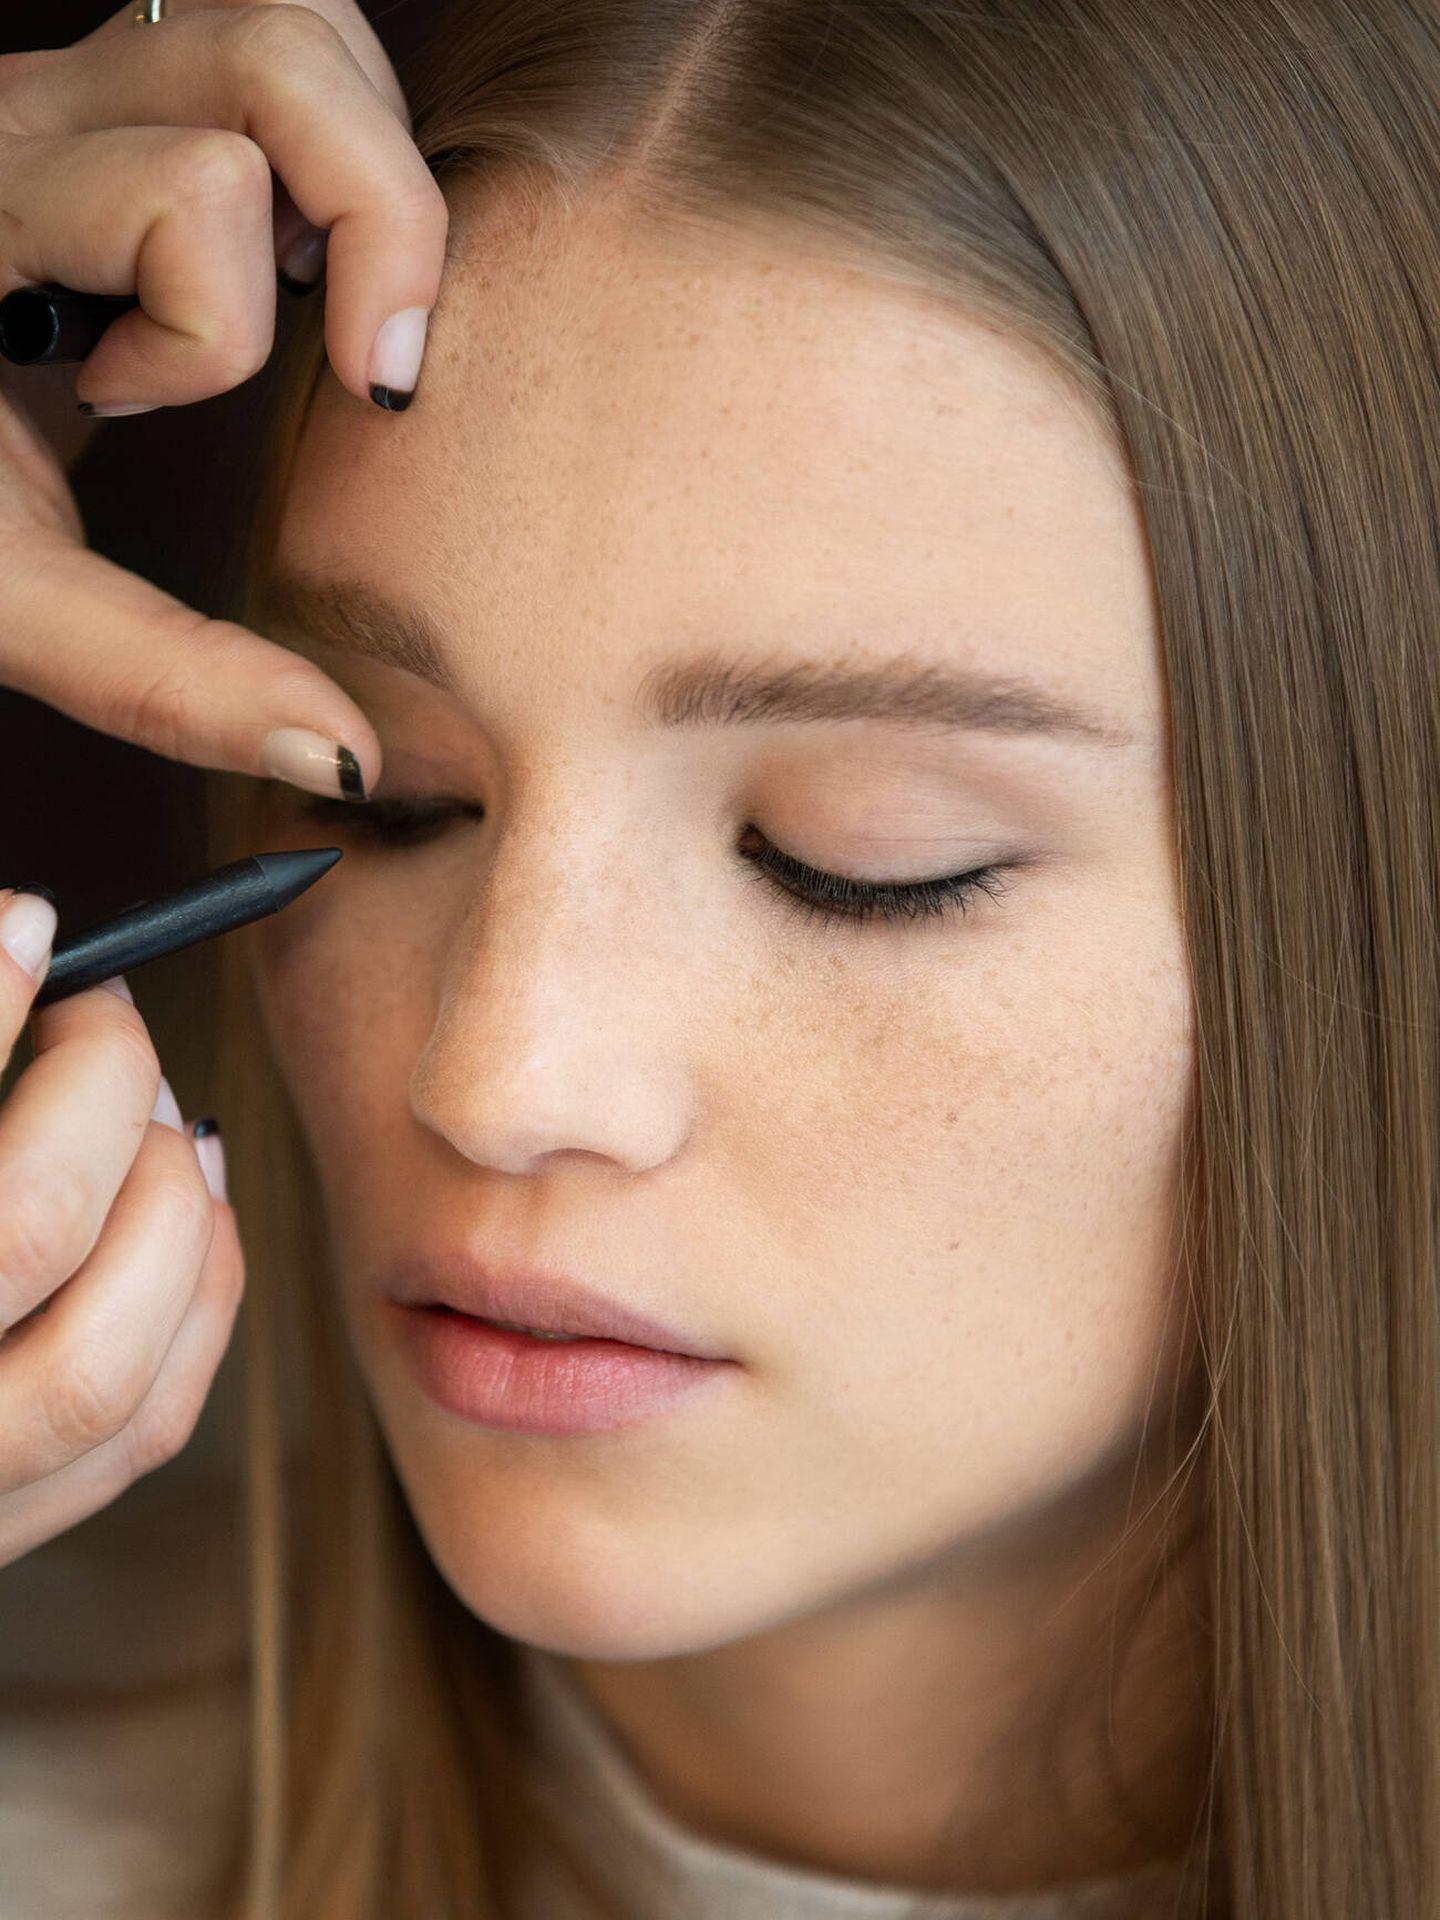 El lápiz kohl es una de las herramientas del smudge eyeliner. (Imaxtree)